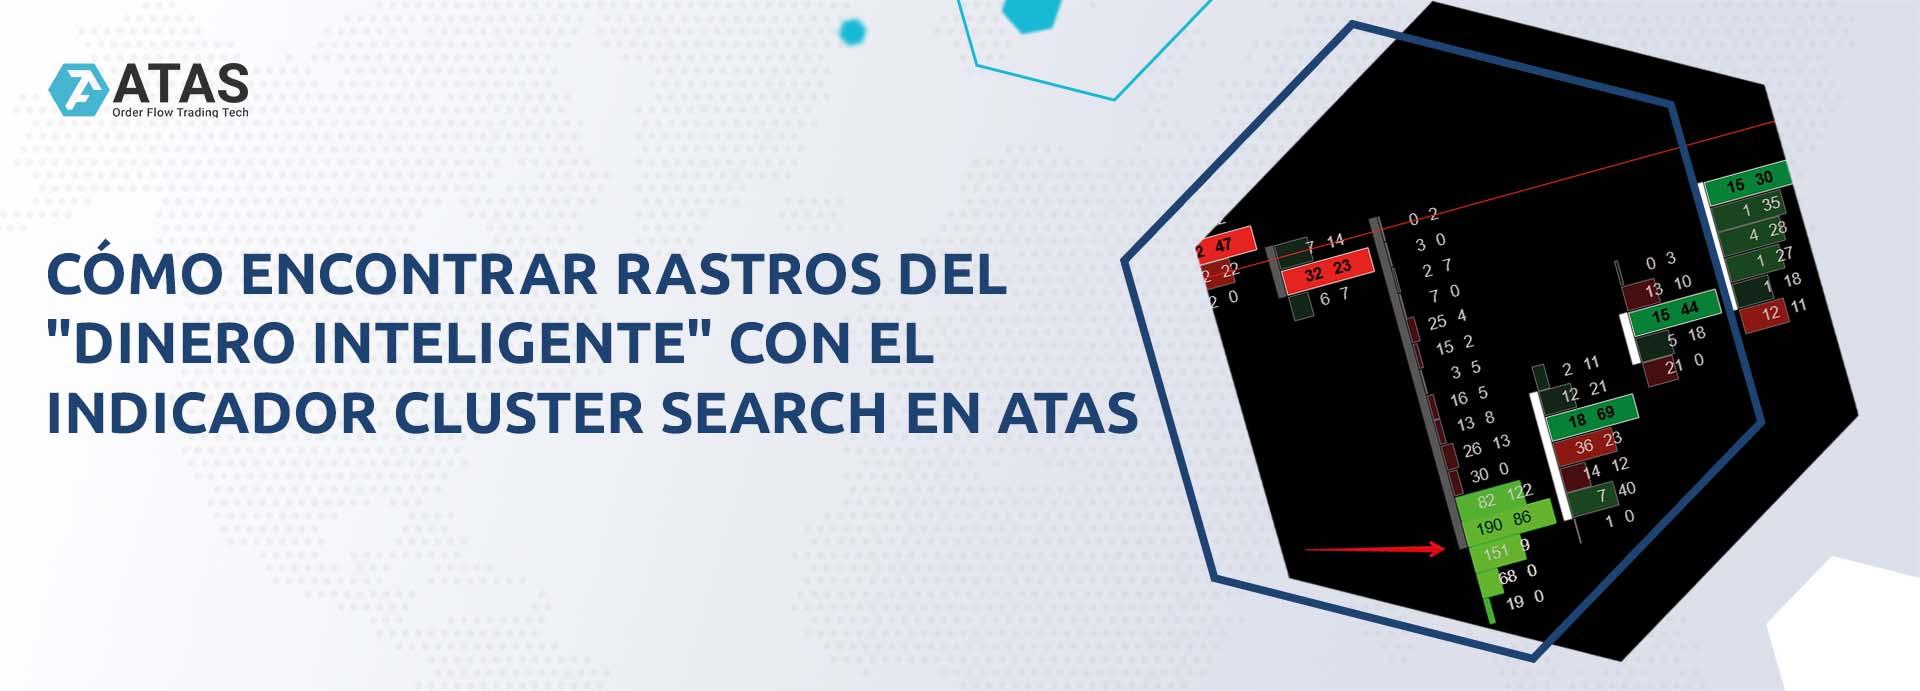 """Cómo encontrar rastros del """"dinero inteligente"""" con el indicador Cluster Search en ATAS"""